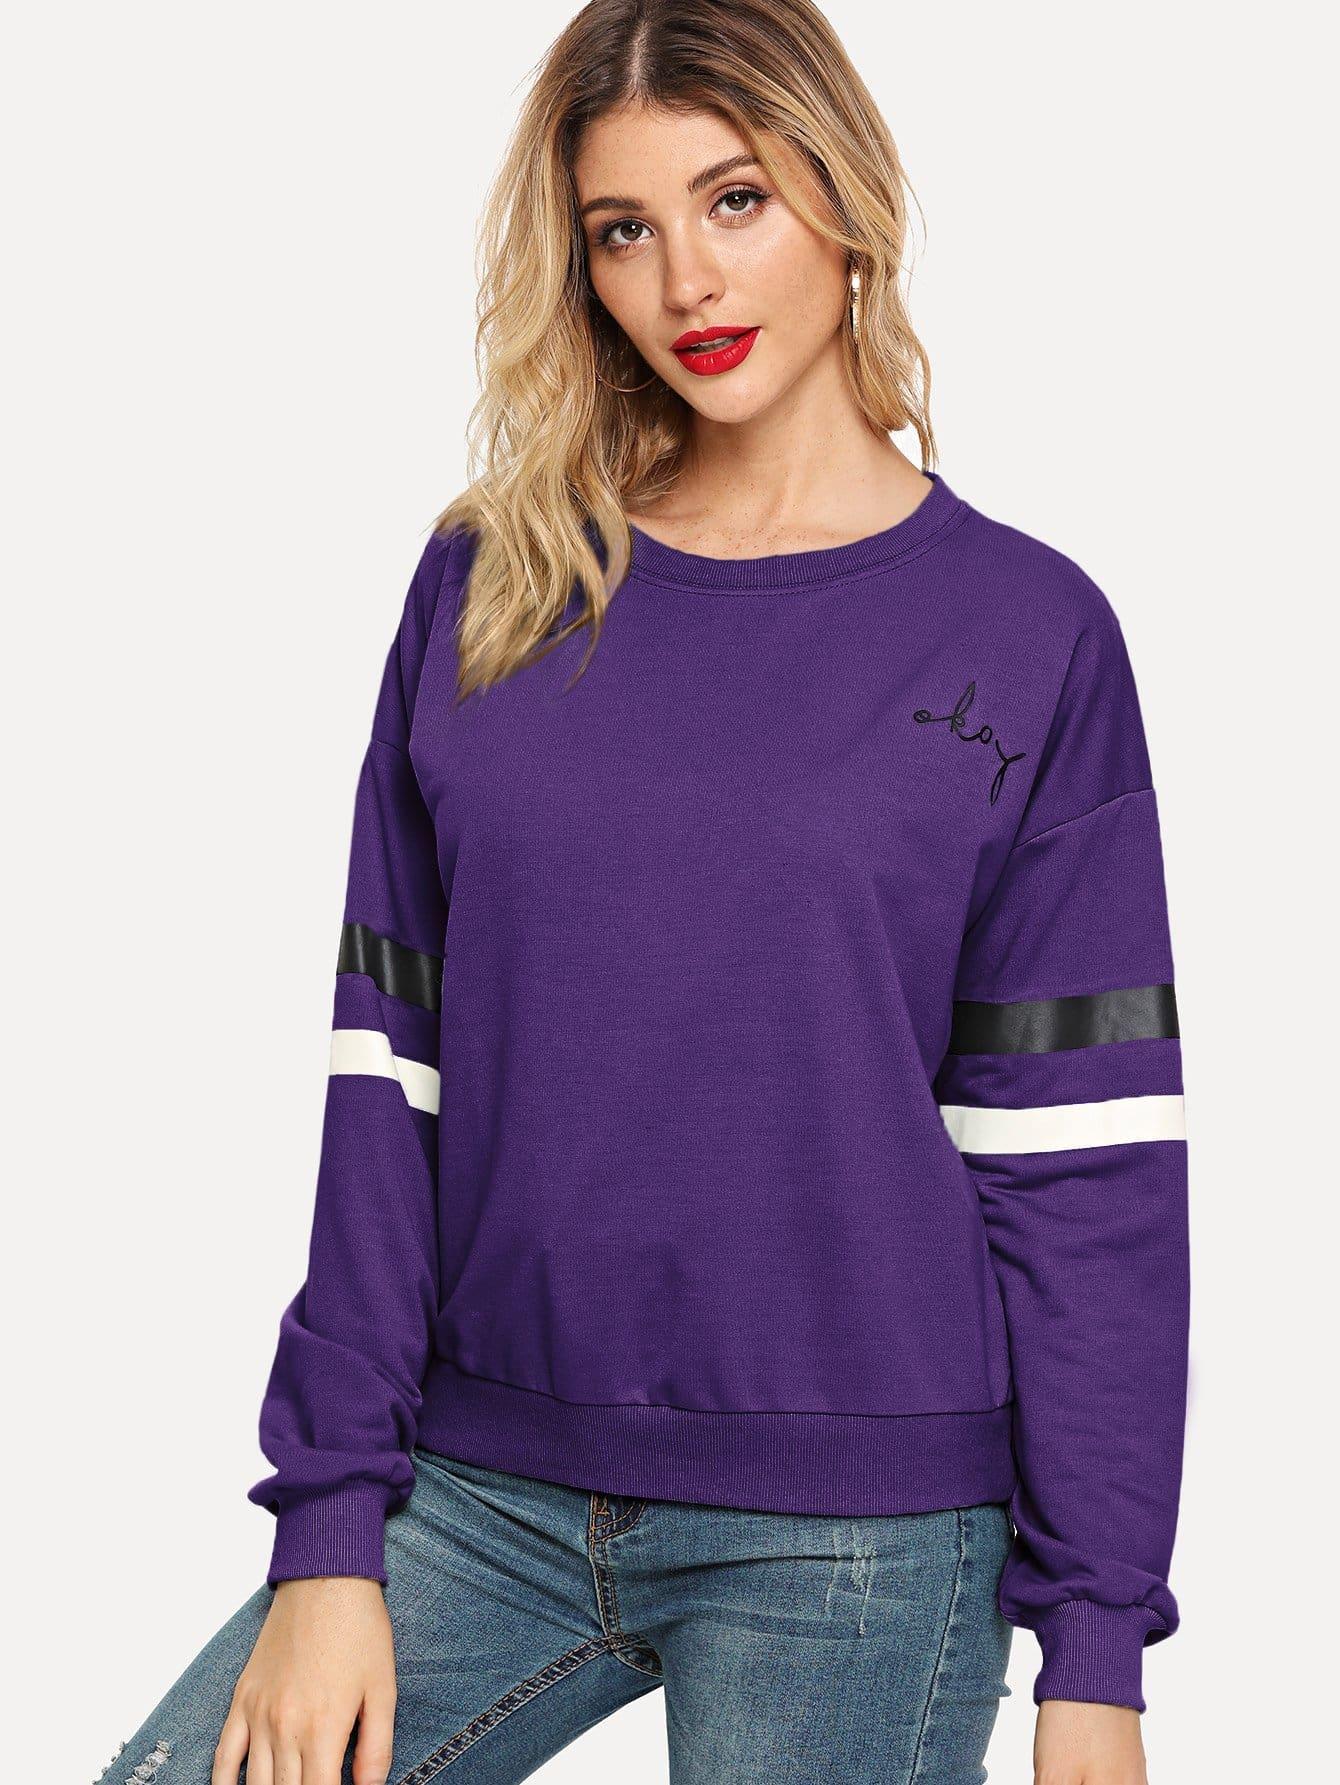 Фото - Пуловер с полосатым рукавом с заниженной линией плеч от SheIn фиолетового цвета